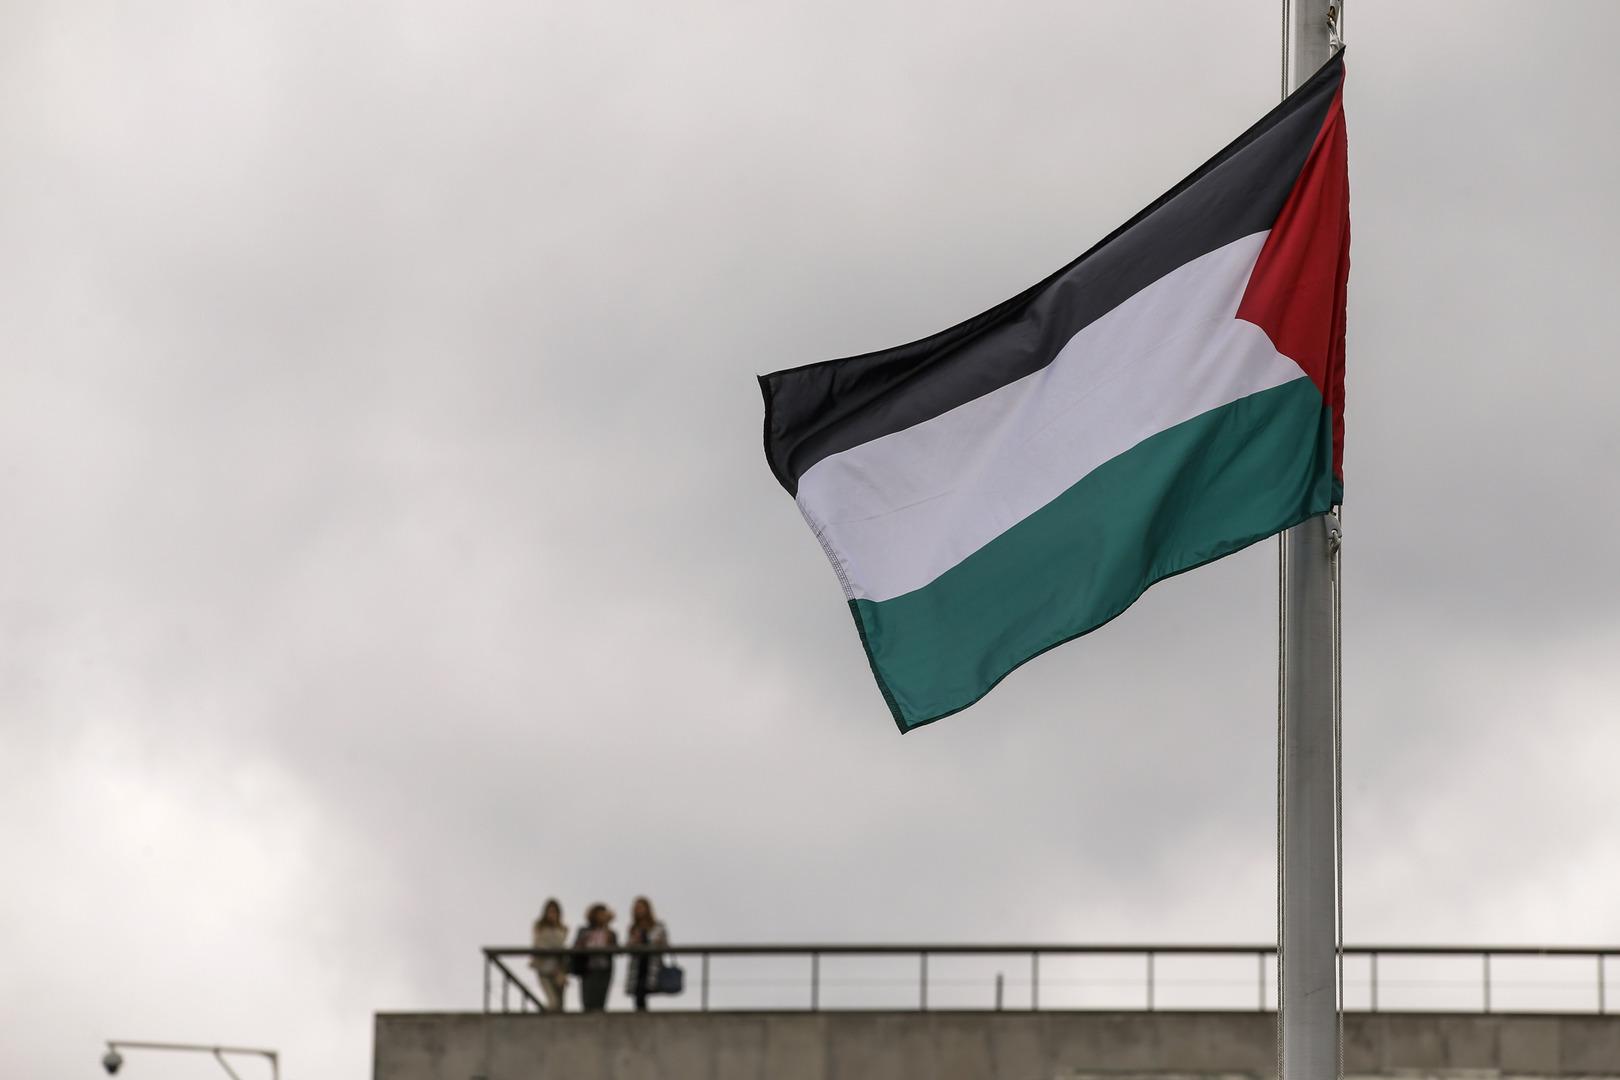 الخارجية الفلسطينية تطالب مجلس الأمن بتحمل مسؤولياته في وقف عمليات التطهير العرقي بحق القدس